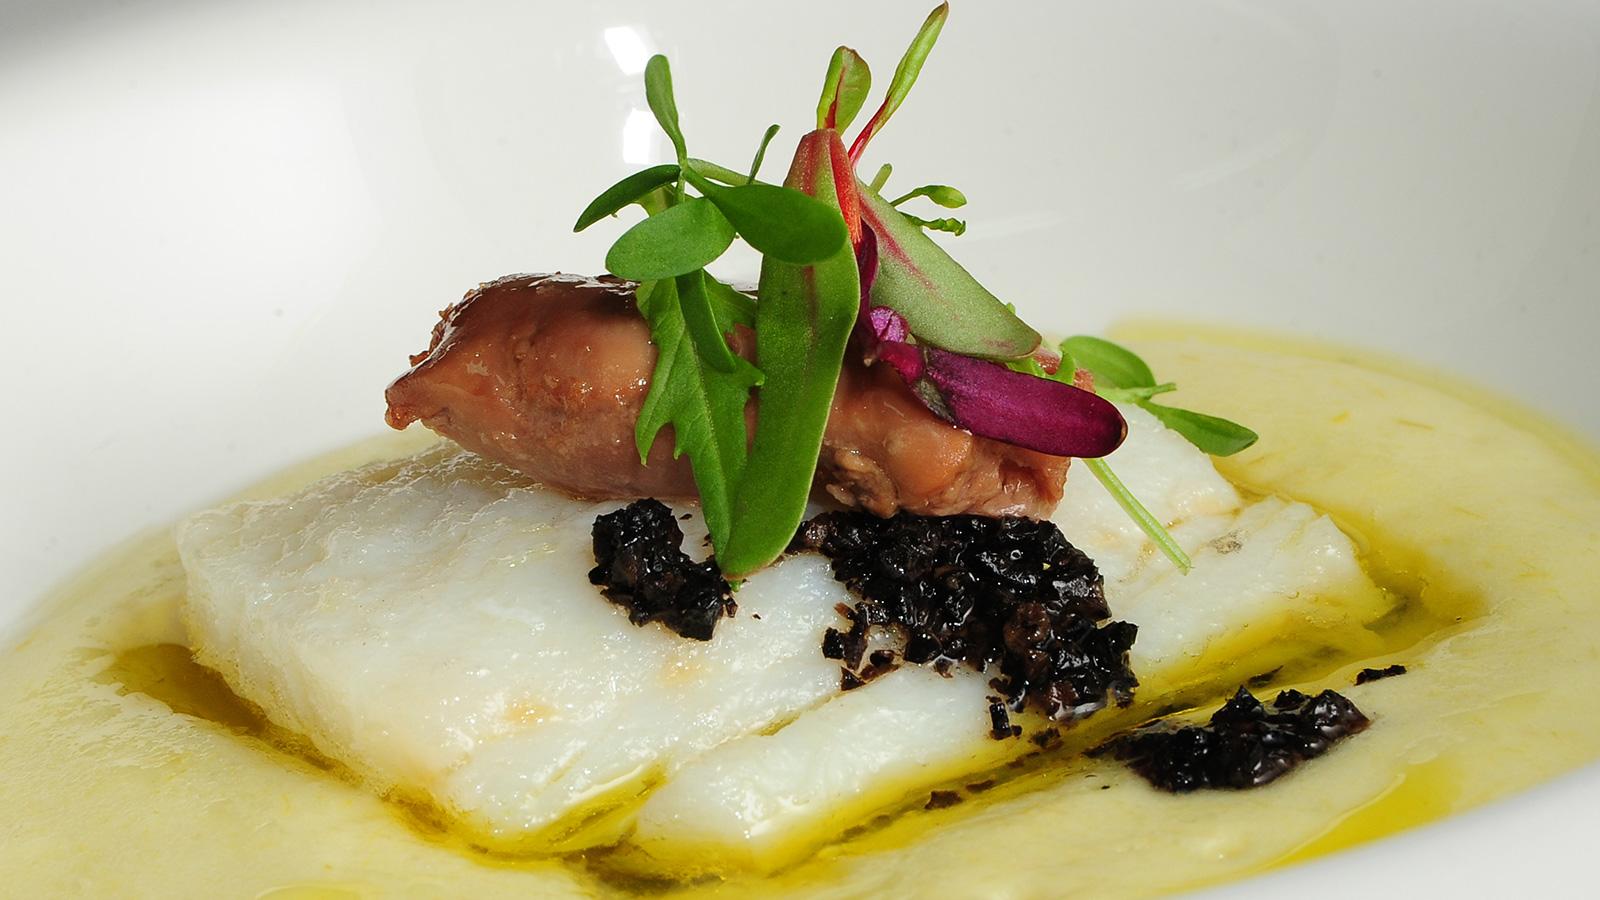 Bacalao confitado con pur de patata sergio fern ndez for Cocina bacalao con patatas